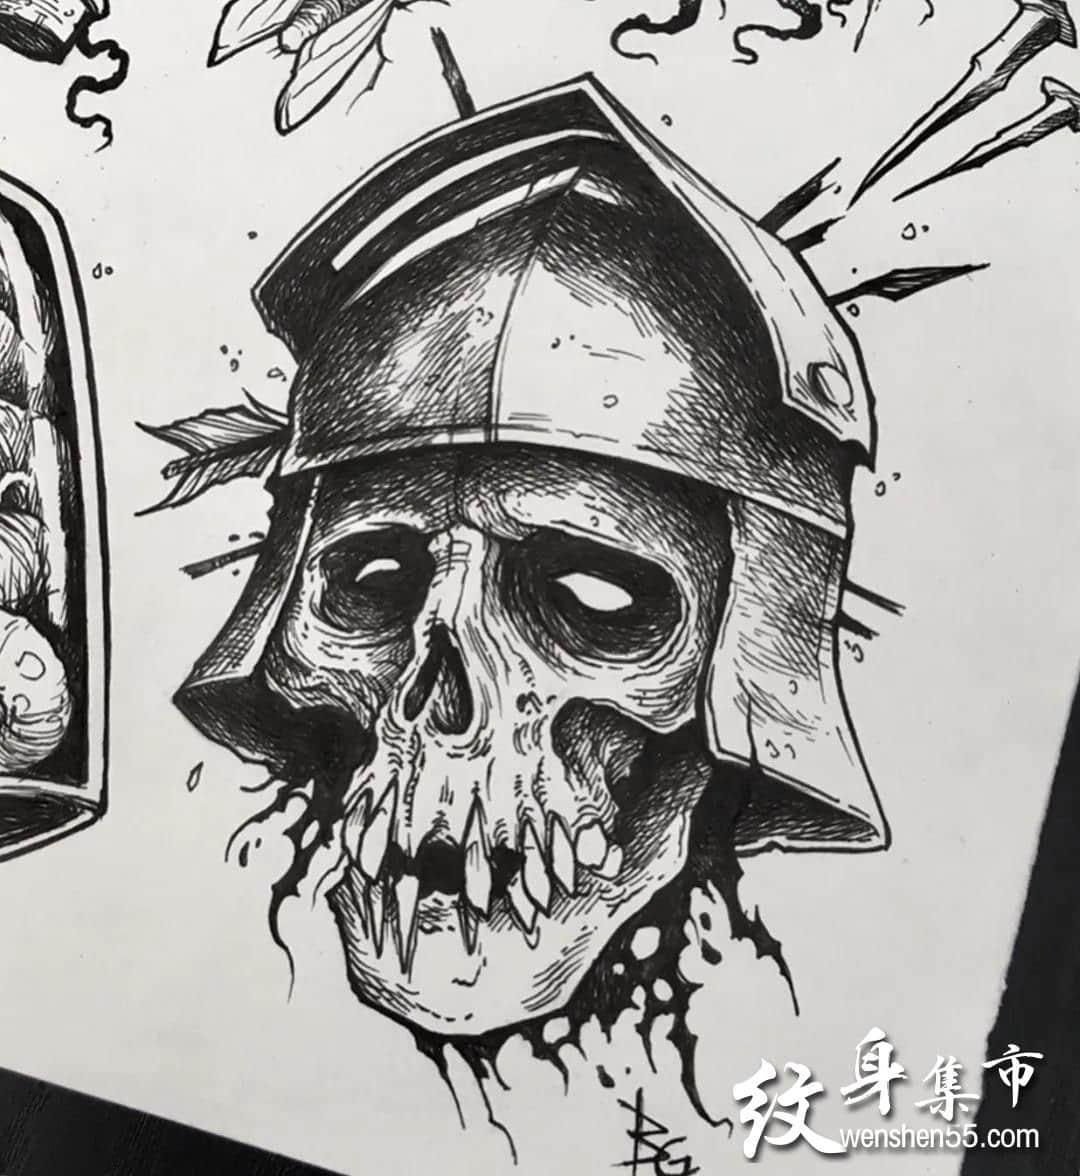 暗黑系纹身,暗黑系纹身手稿,暗黑系纹身手稿图案